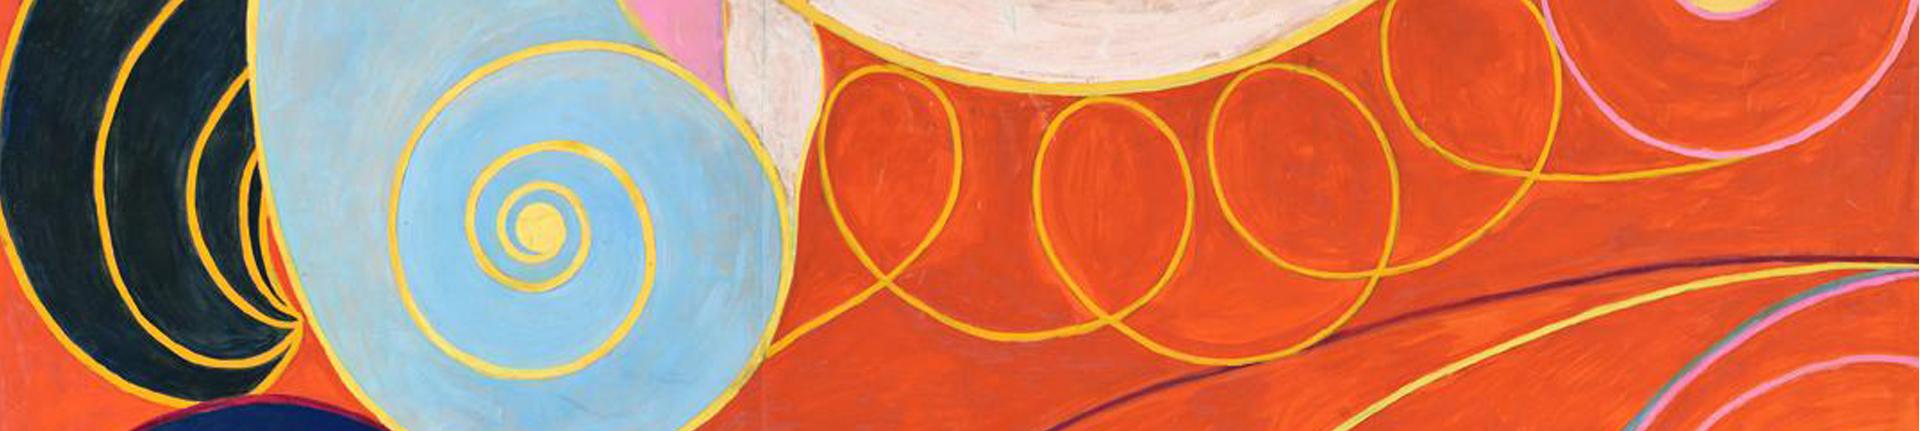 Pinacoteca de SP recebe exposição  de Hilma Af Klint